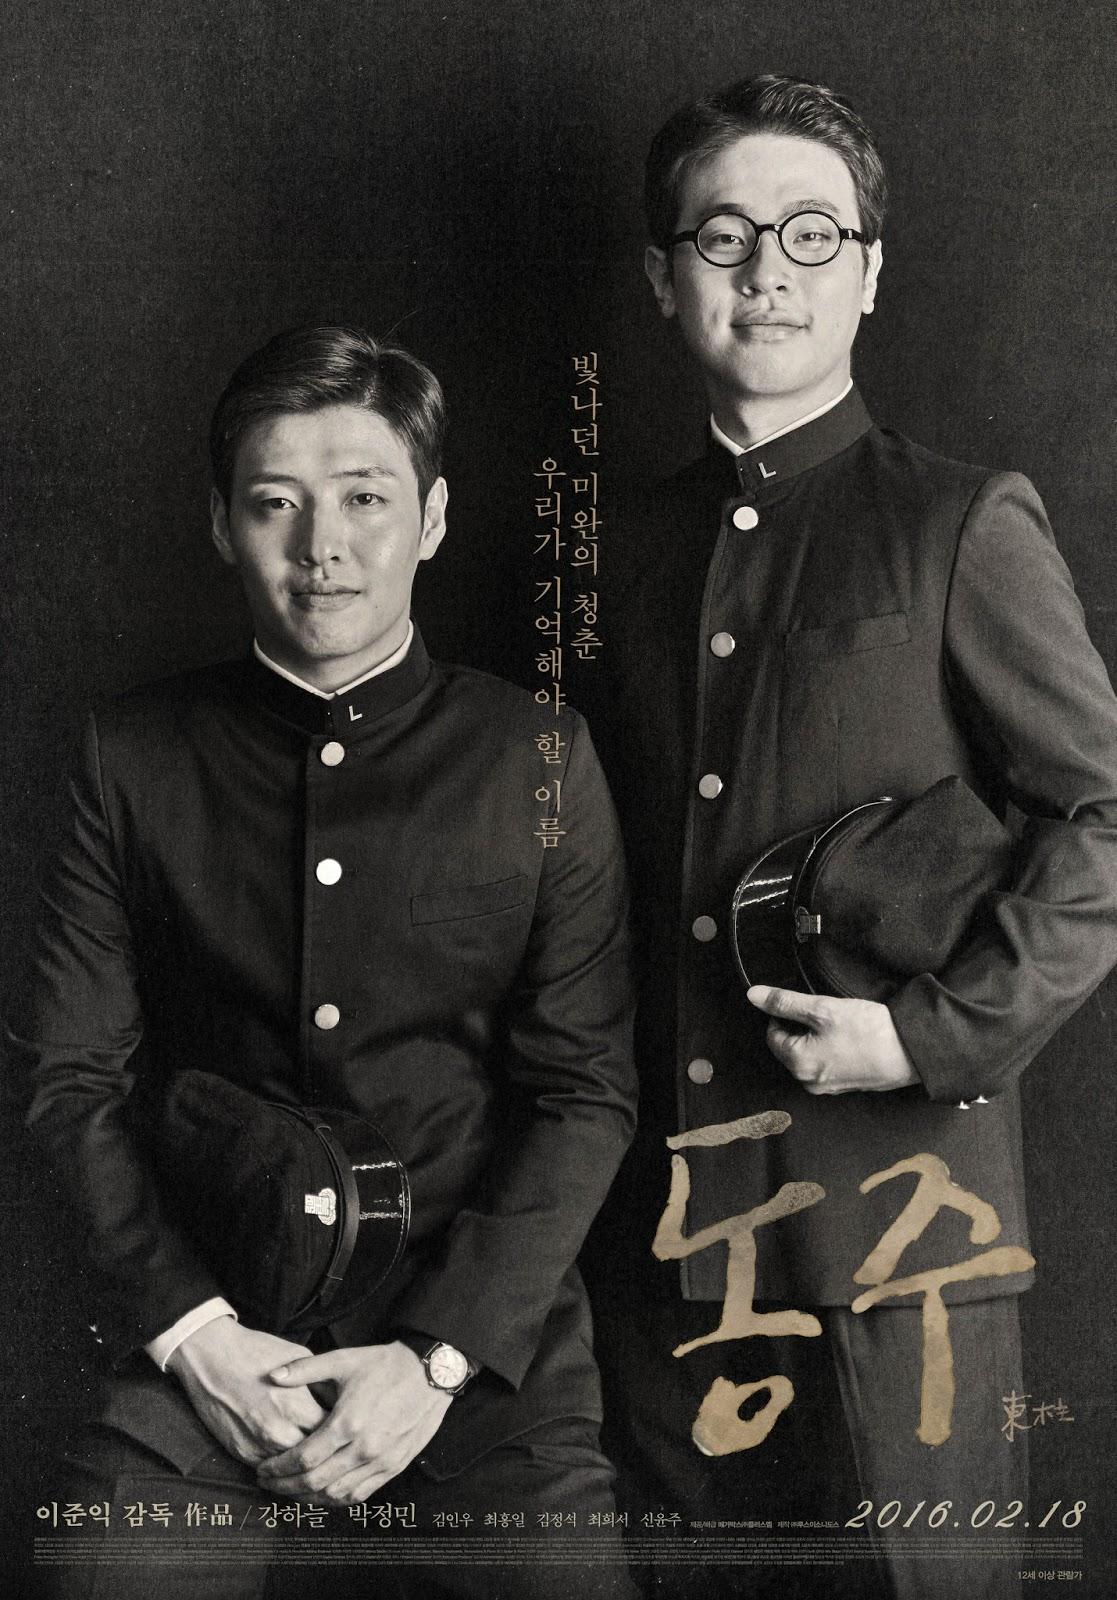 Xem Phim Dongju Chân Dung Một Nhà Thơ 2016